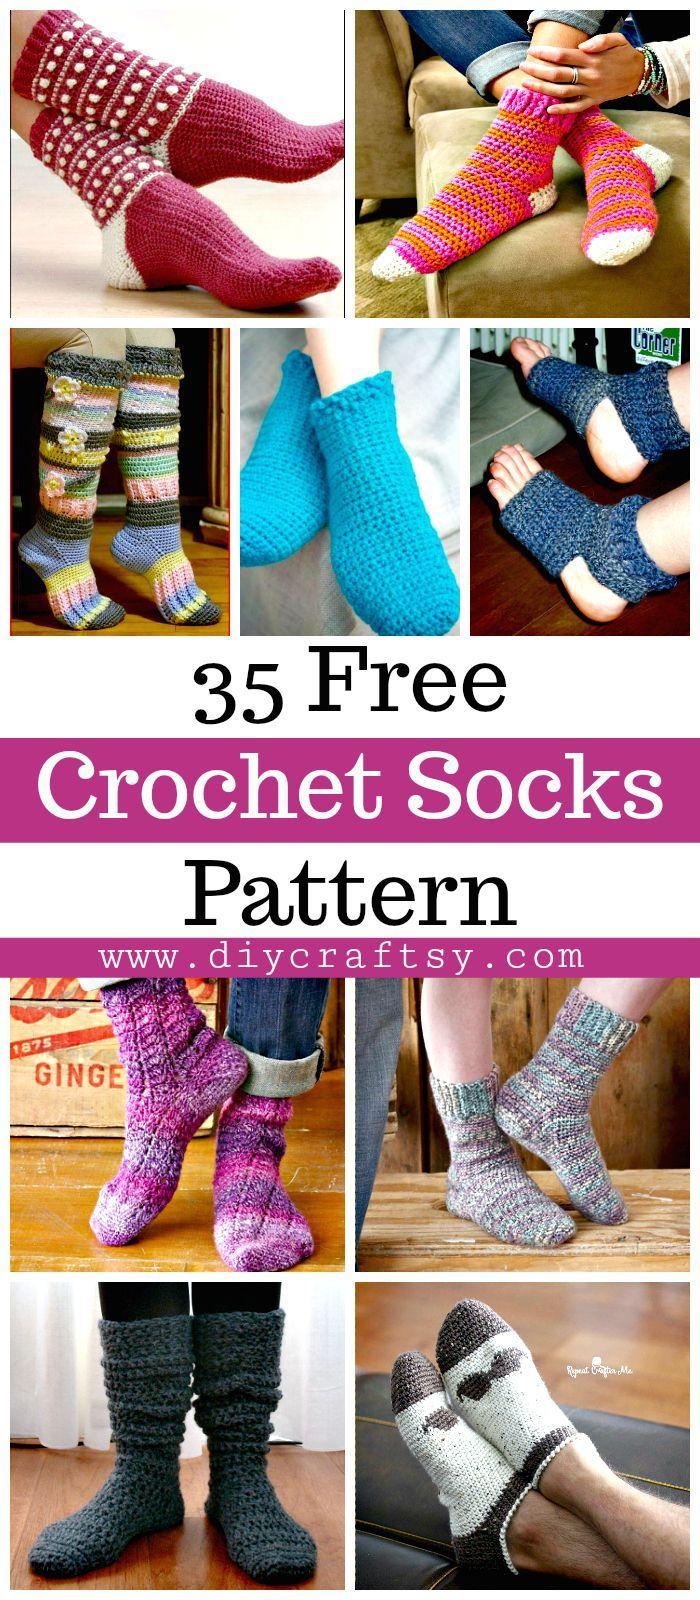 Crochet Socks - 35 Free Crochet Socks Pattern | Tejido, Zapatos y ...